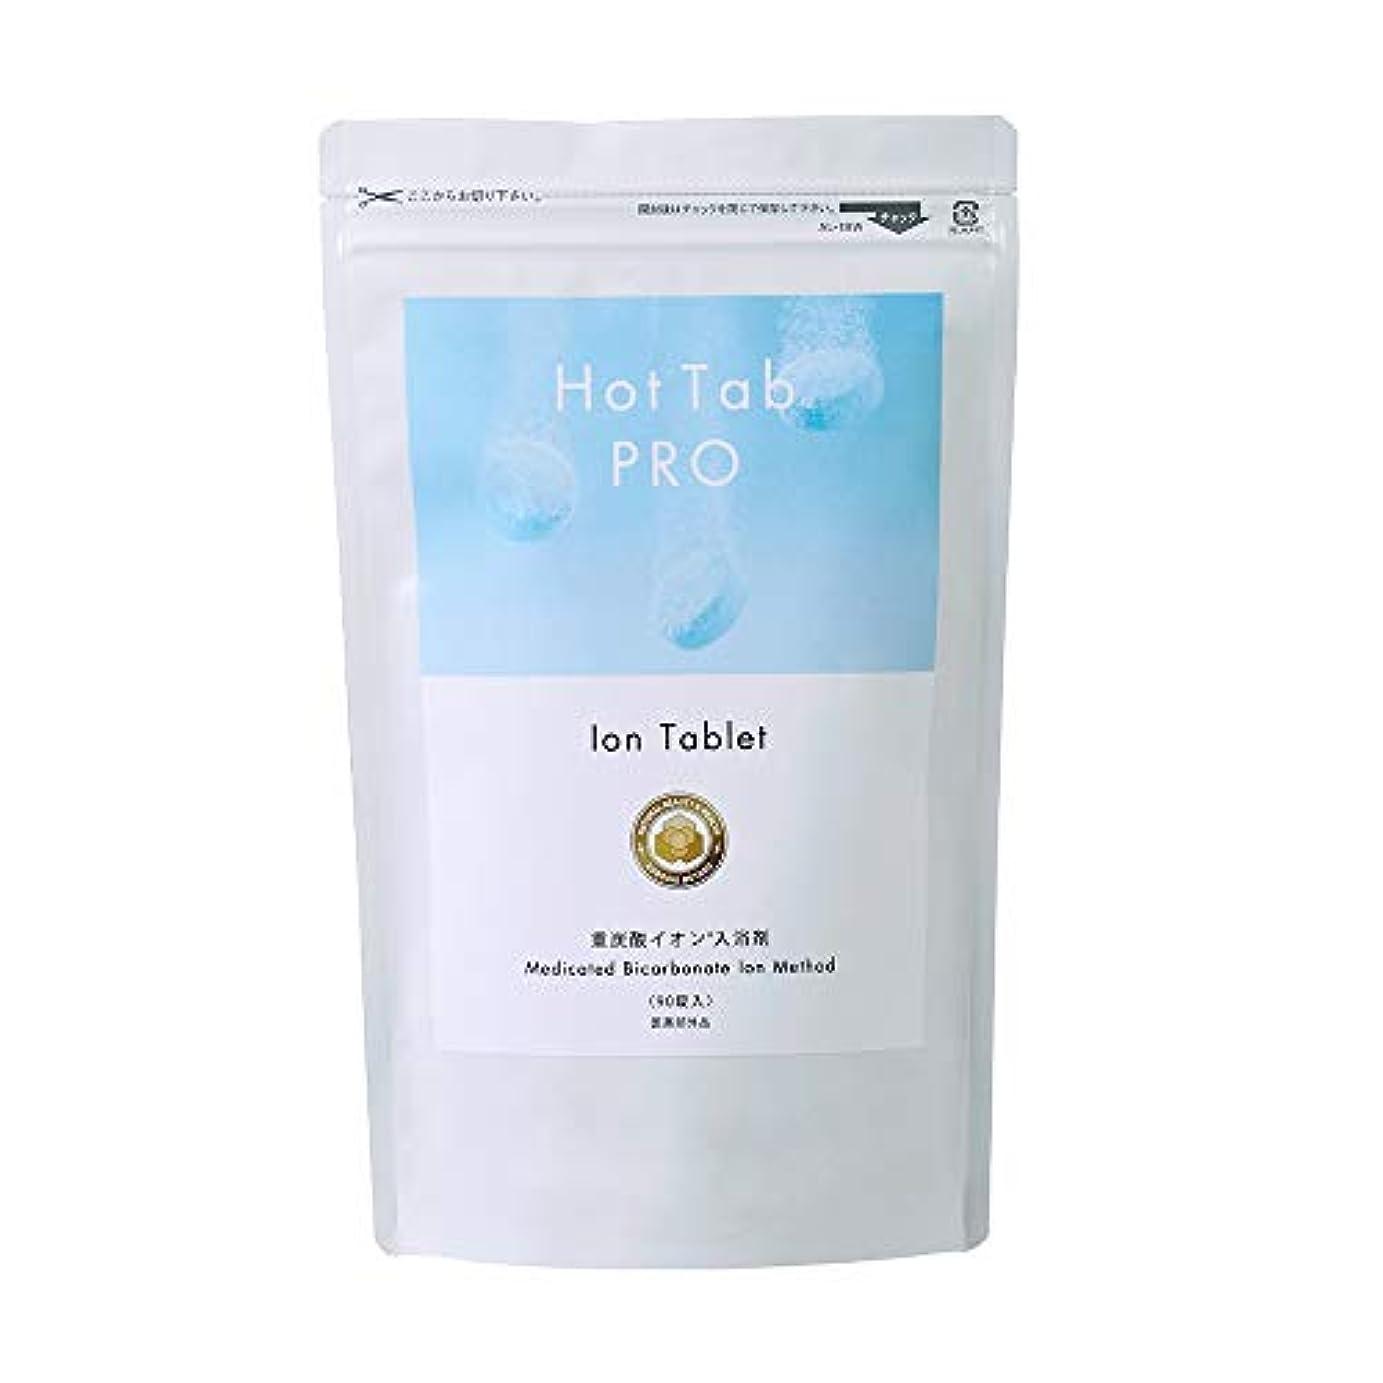 道盆脚本最新型 日本製なめらか重炭酸入浴剤「ホットタブPro」(デリケートな肌でも安心 無香料 無着色 中性pH) (お得な90錠セット)